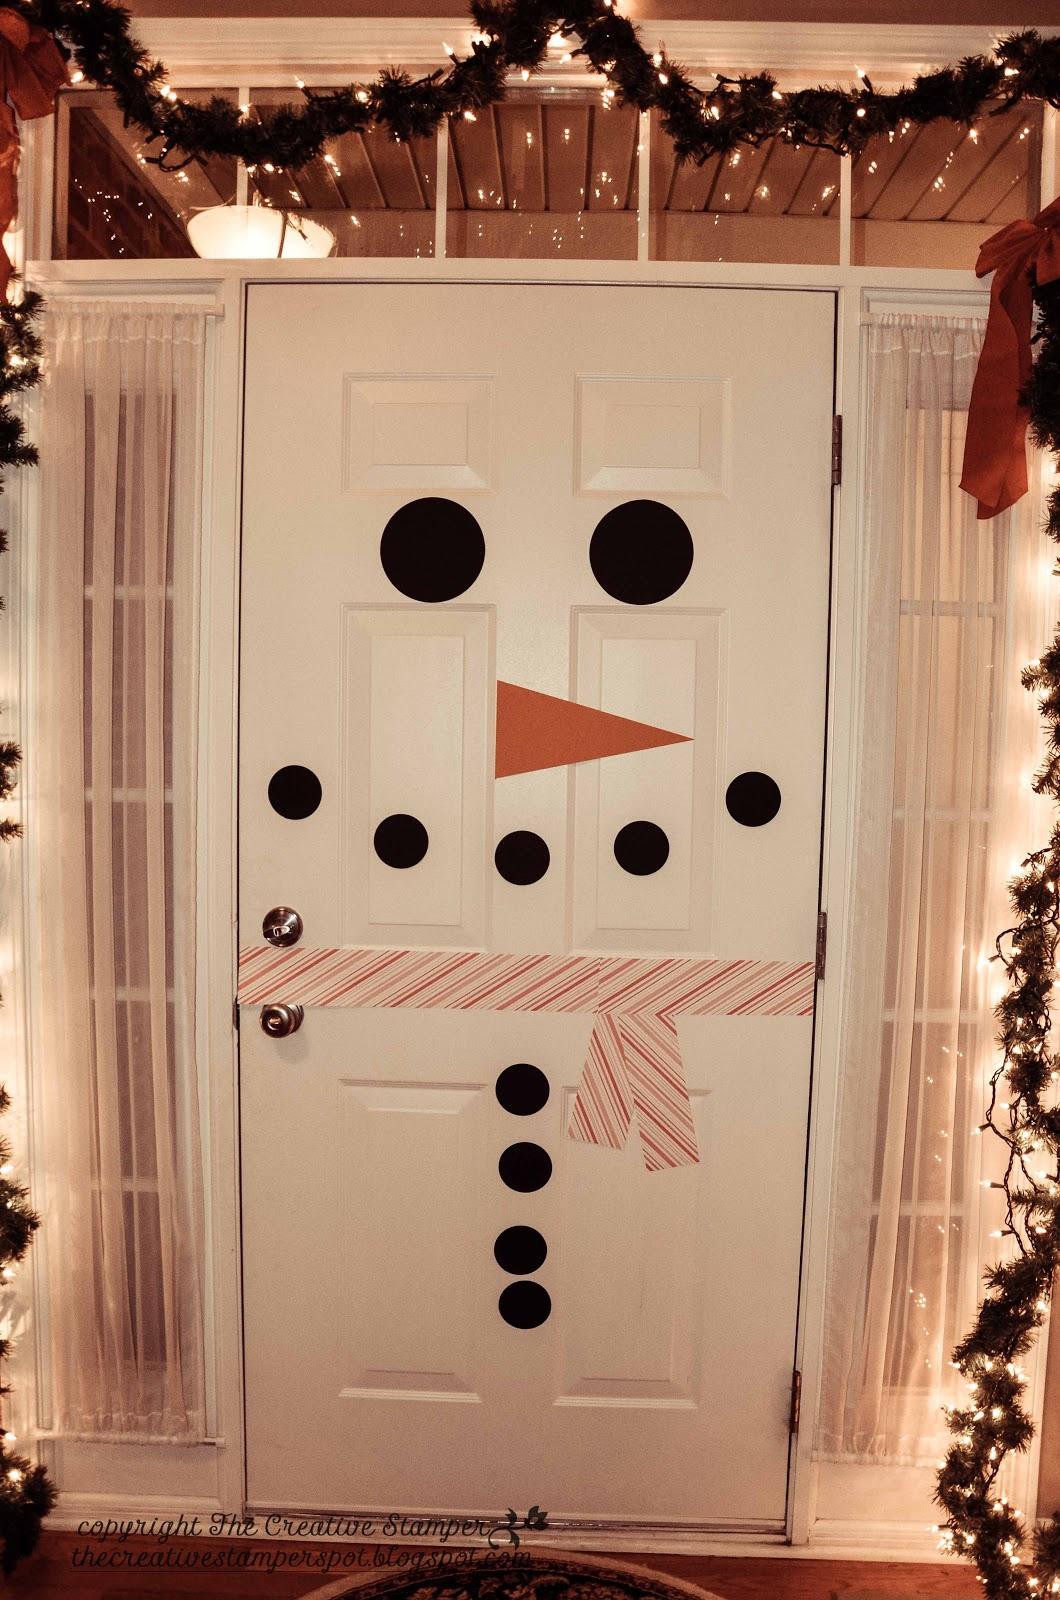 snowman door in Christmas DIY decorations for kids bedrooms | lovelyspaces.com